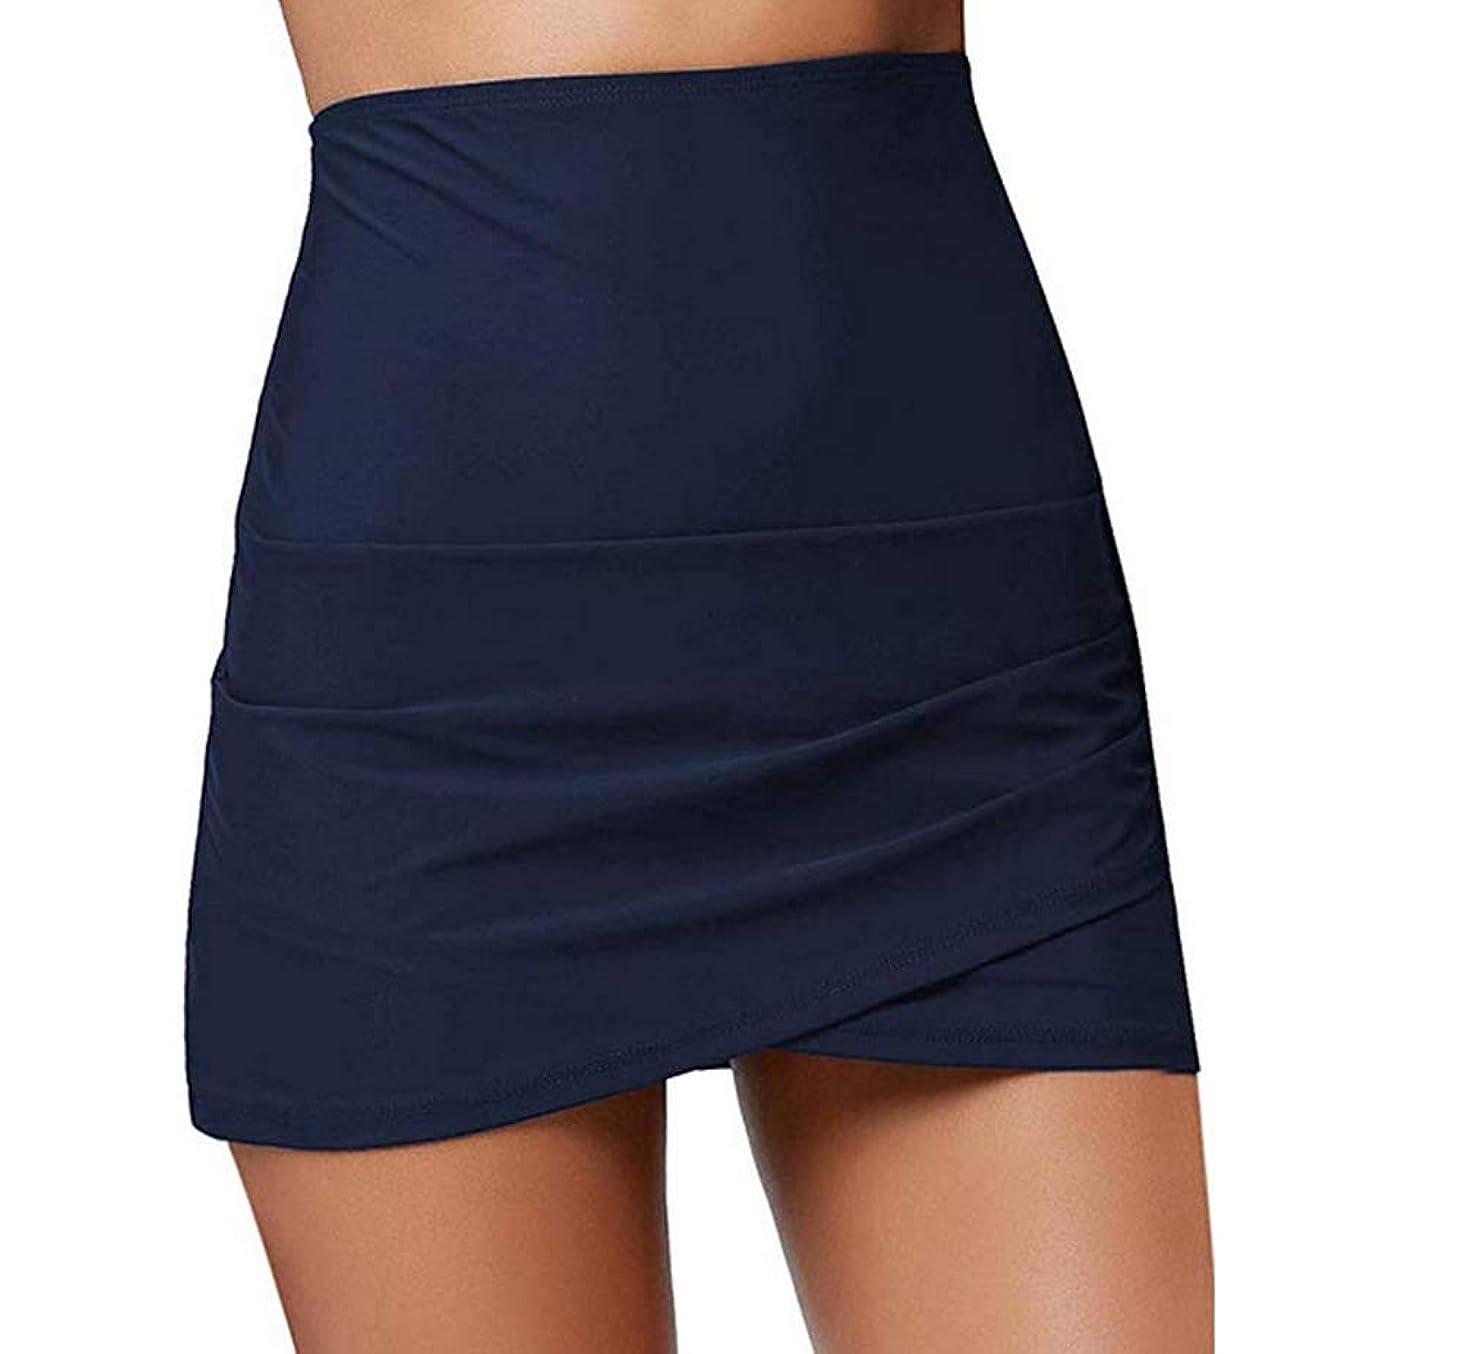 Women Shirred High Waisted Tulip Hem Swim Skirt Ruched Skirted Bikini Swimsuit Bottom Beachwear